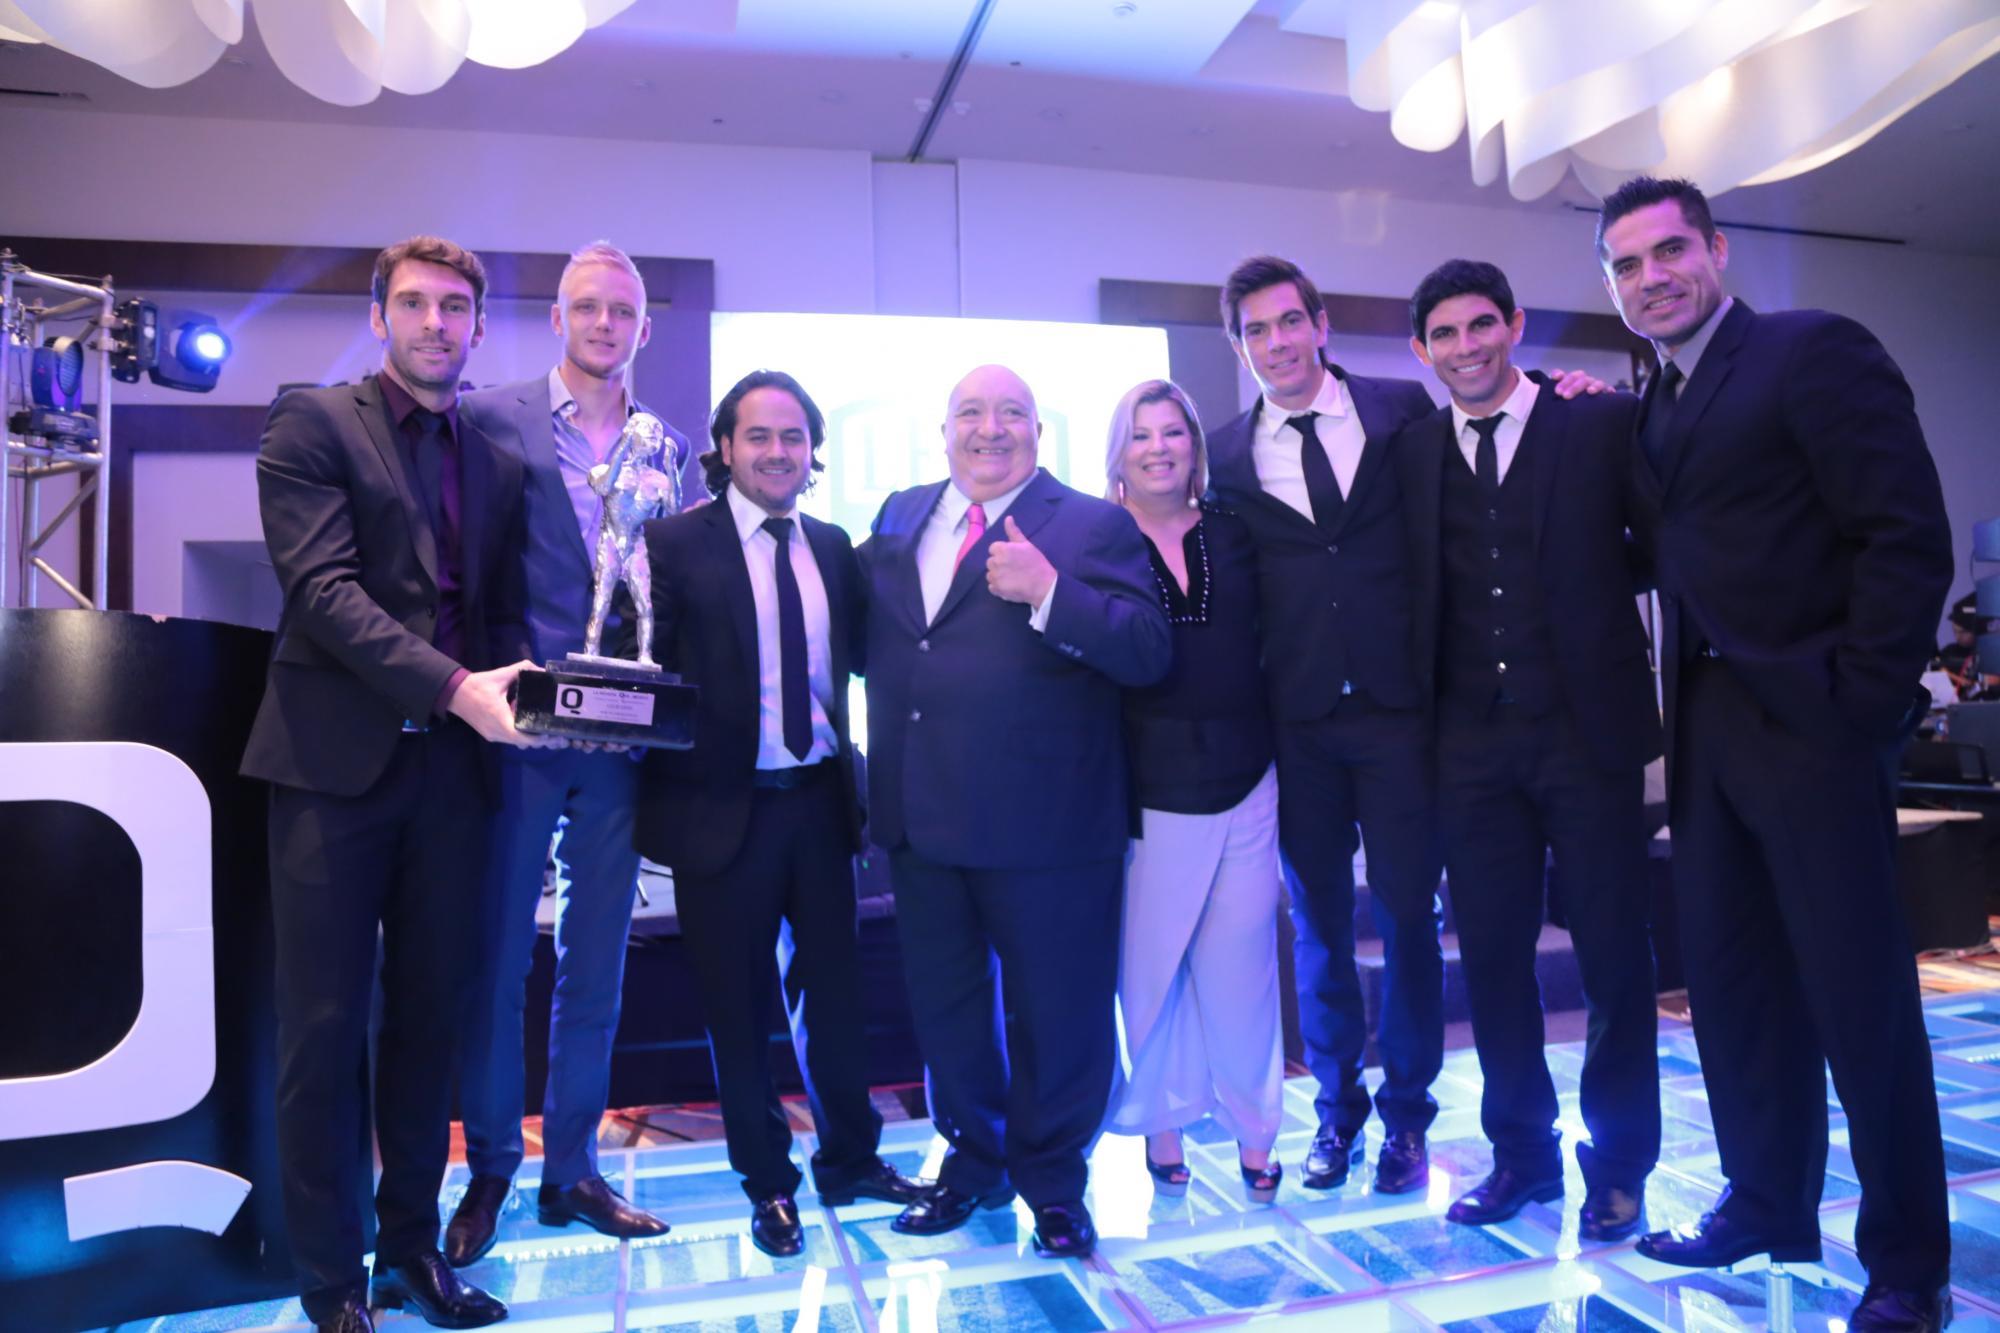 Mauro Bocelli, Chuy Martínez, Luis de Alba, William Yarbrough,  Margarita La Diosa de la Cumbia, Nacho González, Jonny Magallón y Christian Martínez